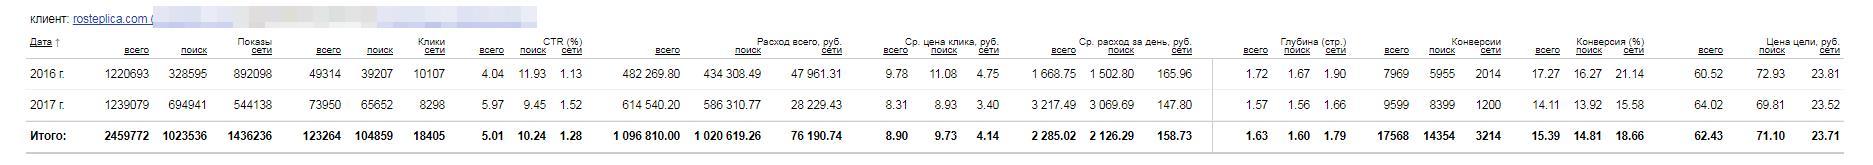 Рекламная кампания Яндекс.Директ для сайта rosteplica.com